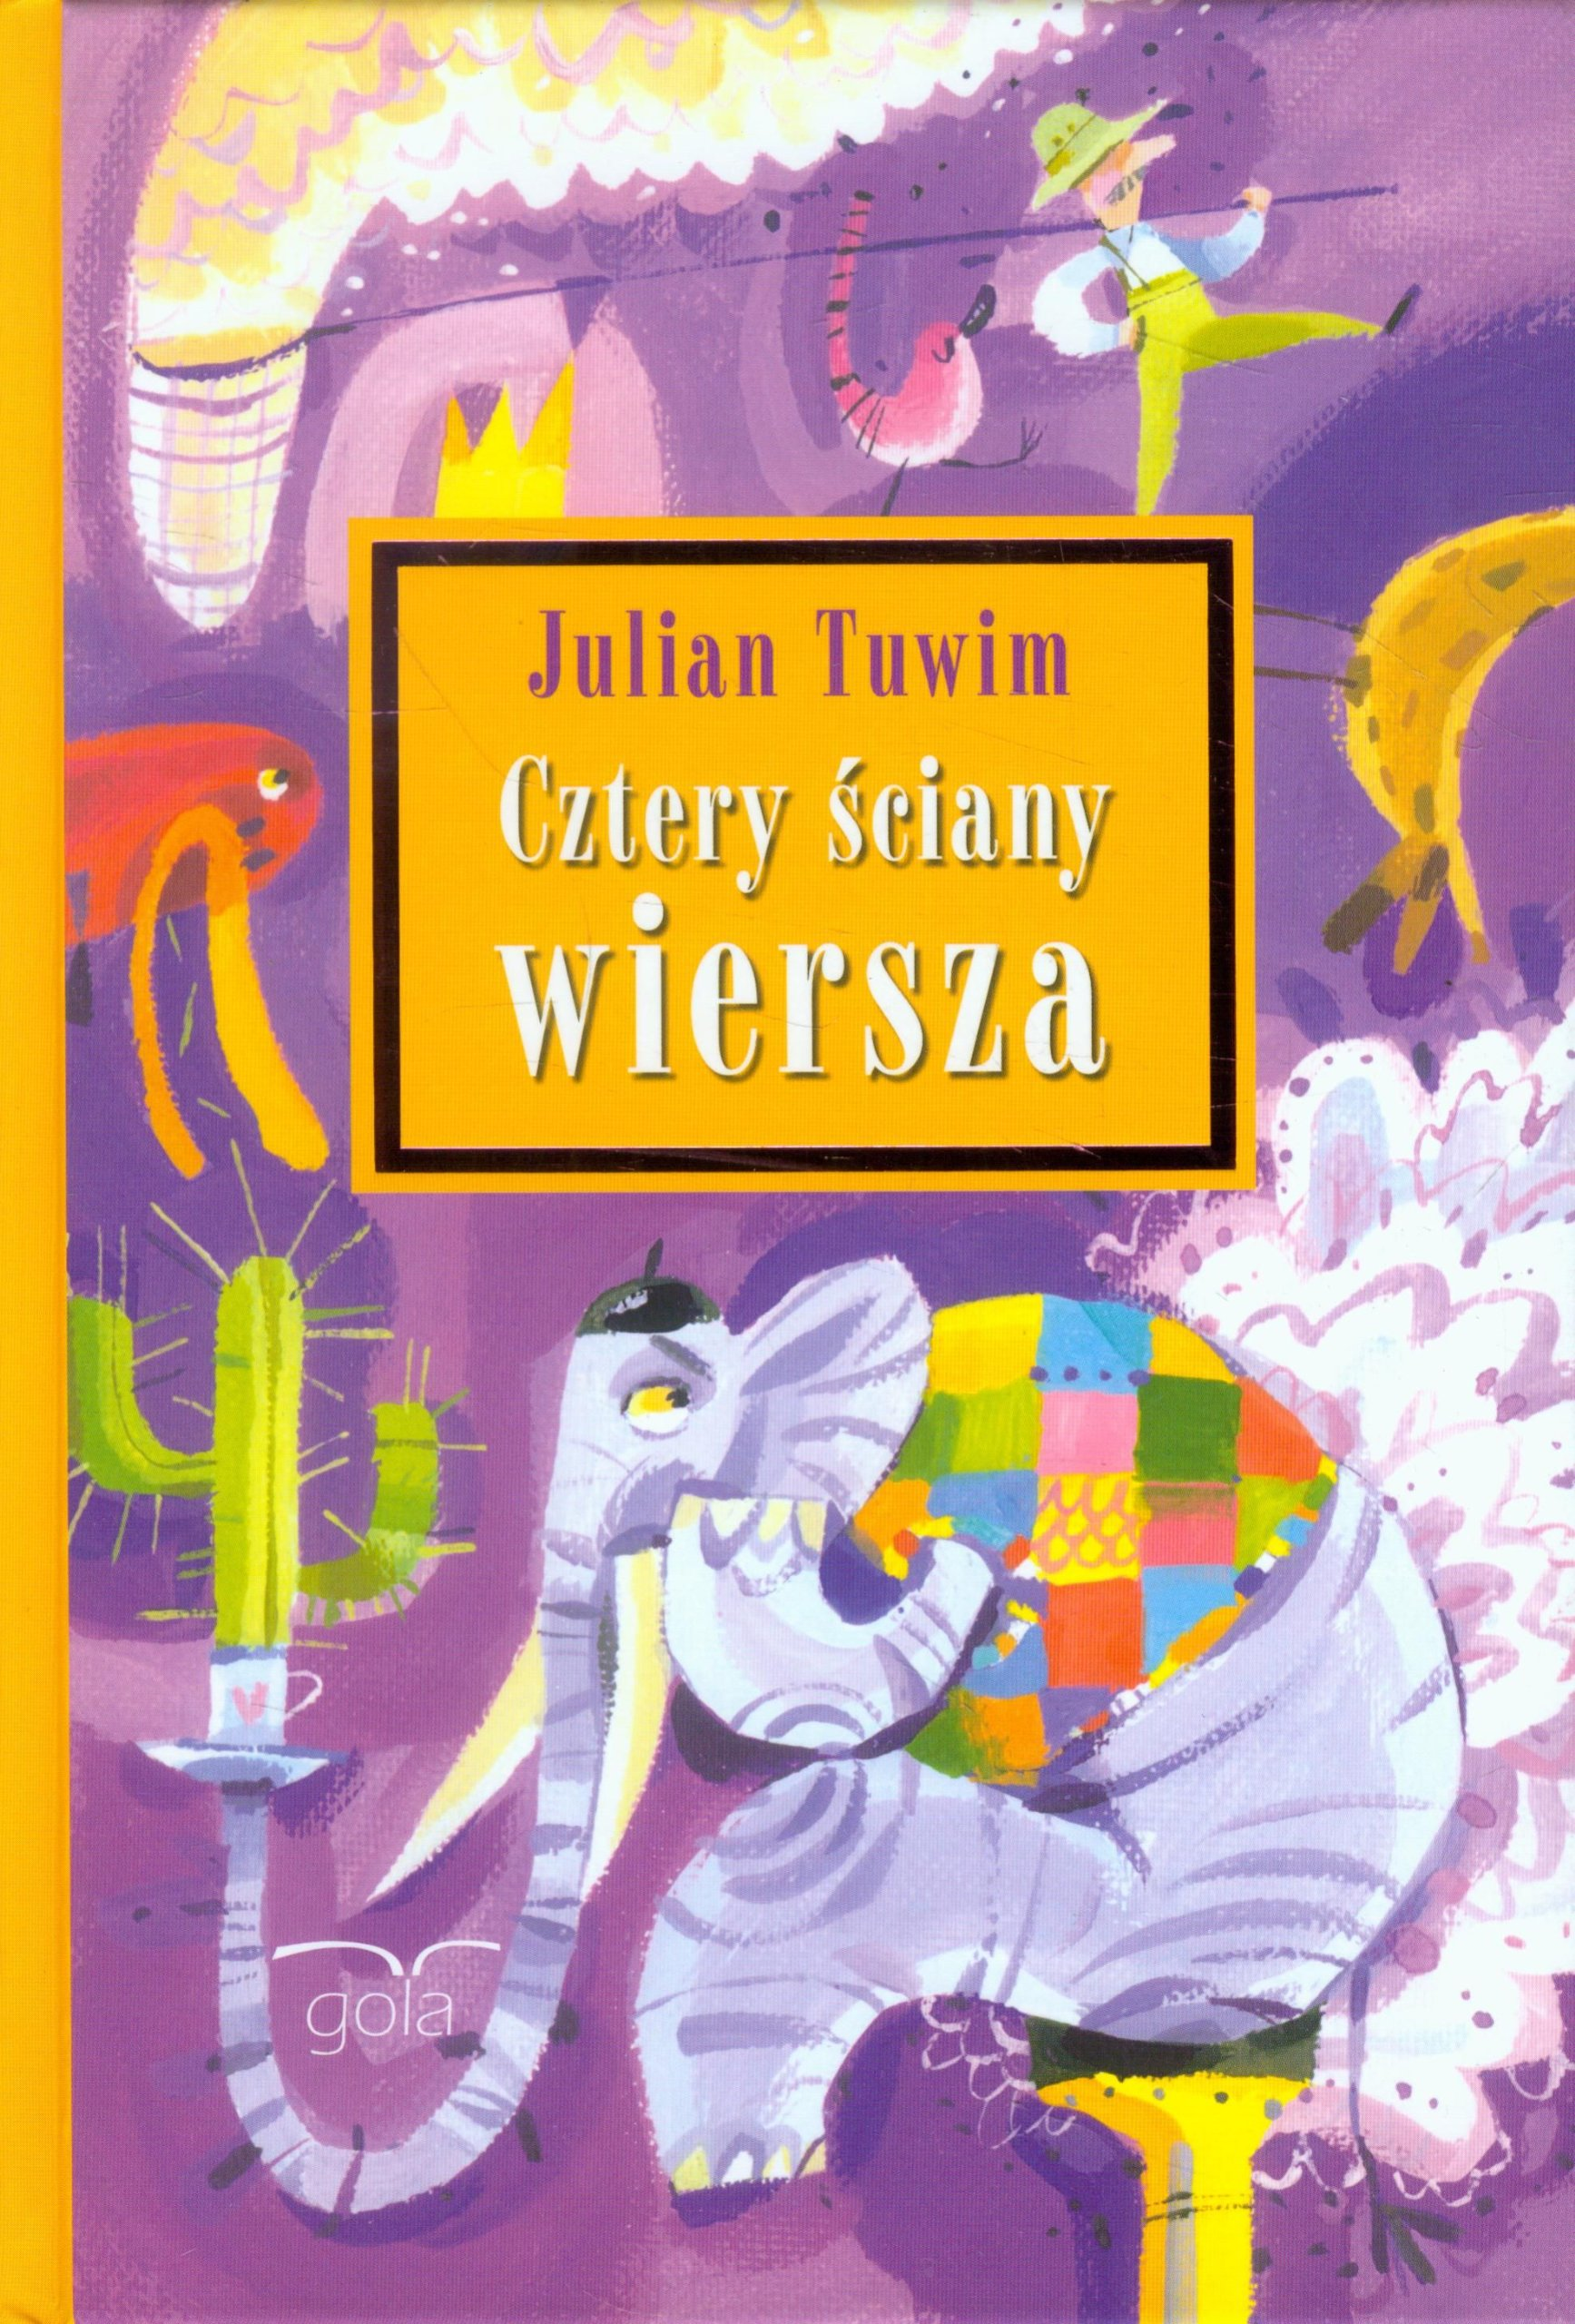 Cztery Sciany Wiersza Amazones Julian Tuwim Libros En